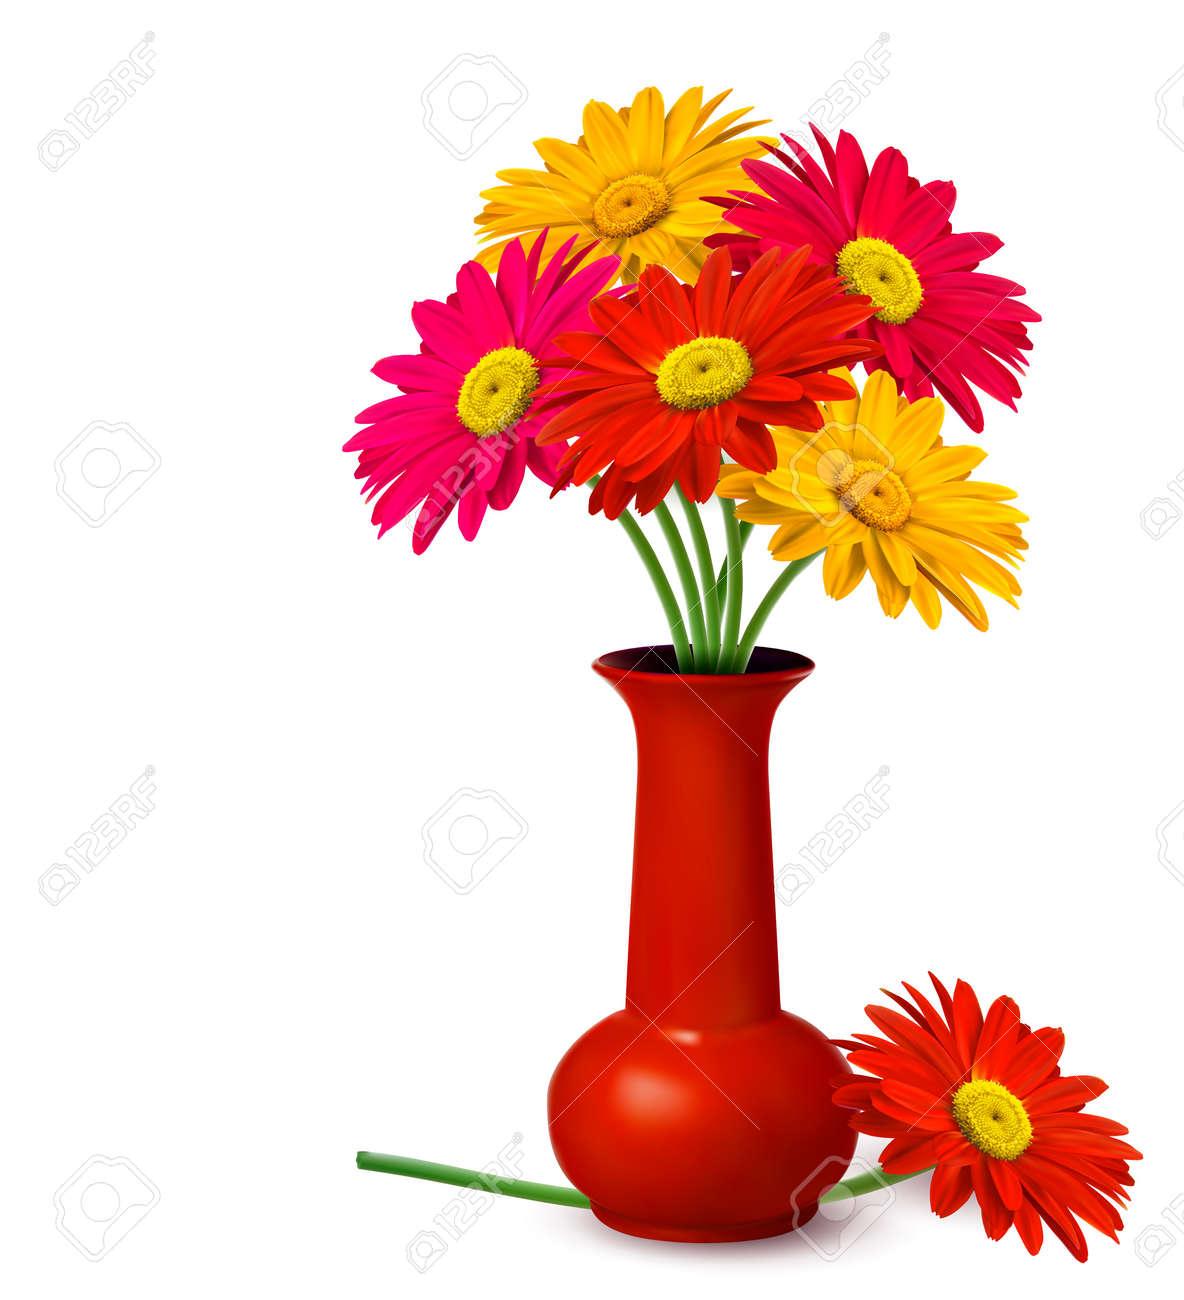 Bunch of flowers in a vase Vector Stock Vector - 12772826